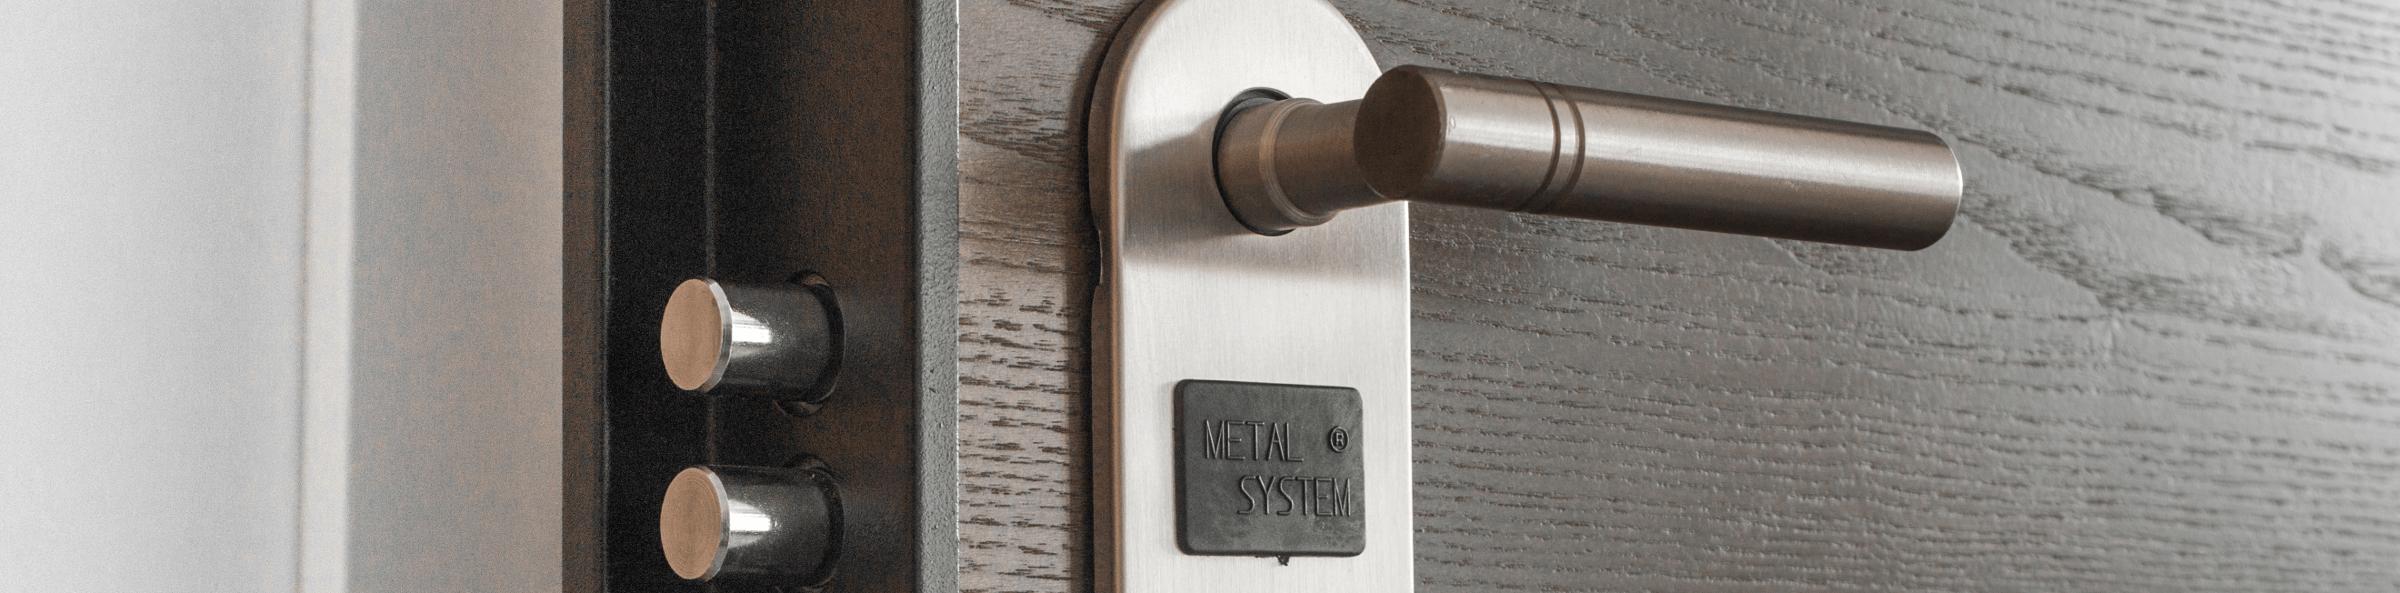 puerta cerrajeria - Cambiar Cerradura Moncloa Apertura Puerta Moncloa Precio